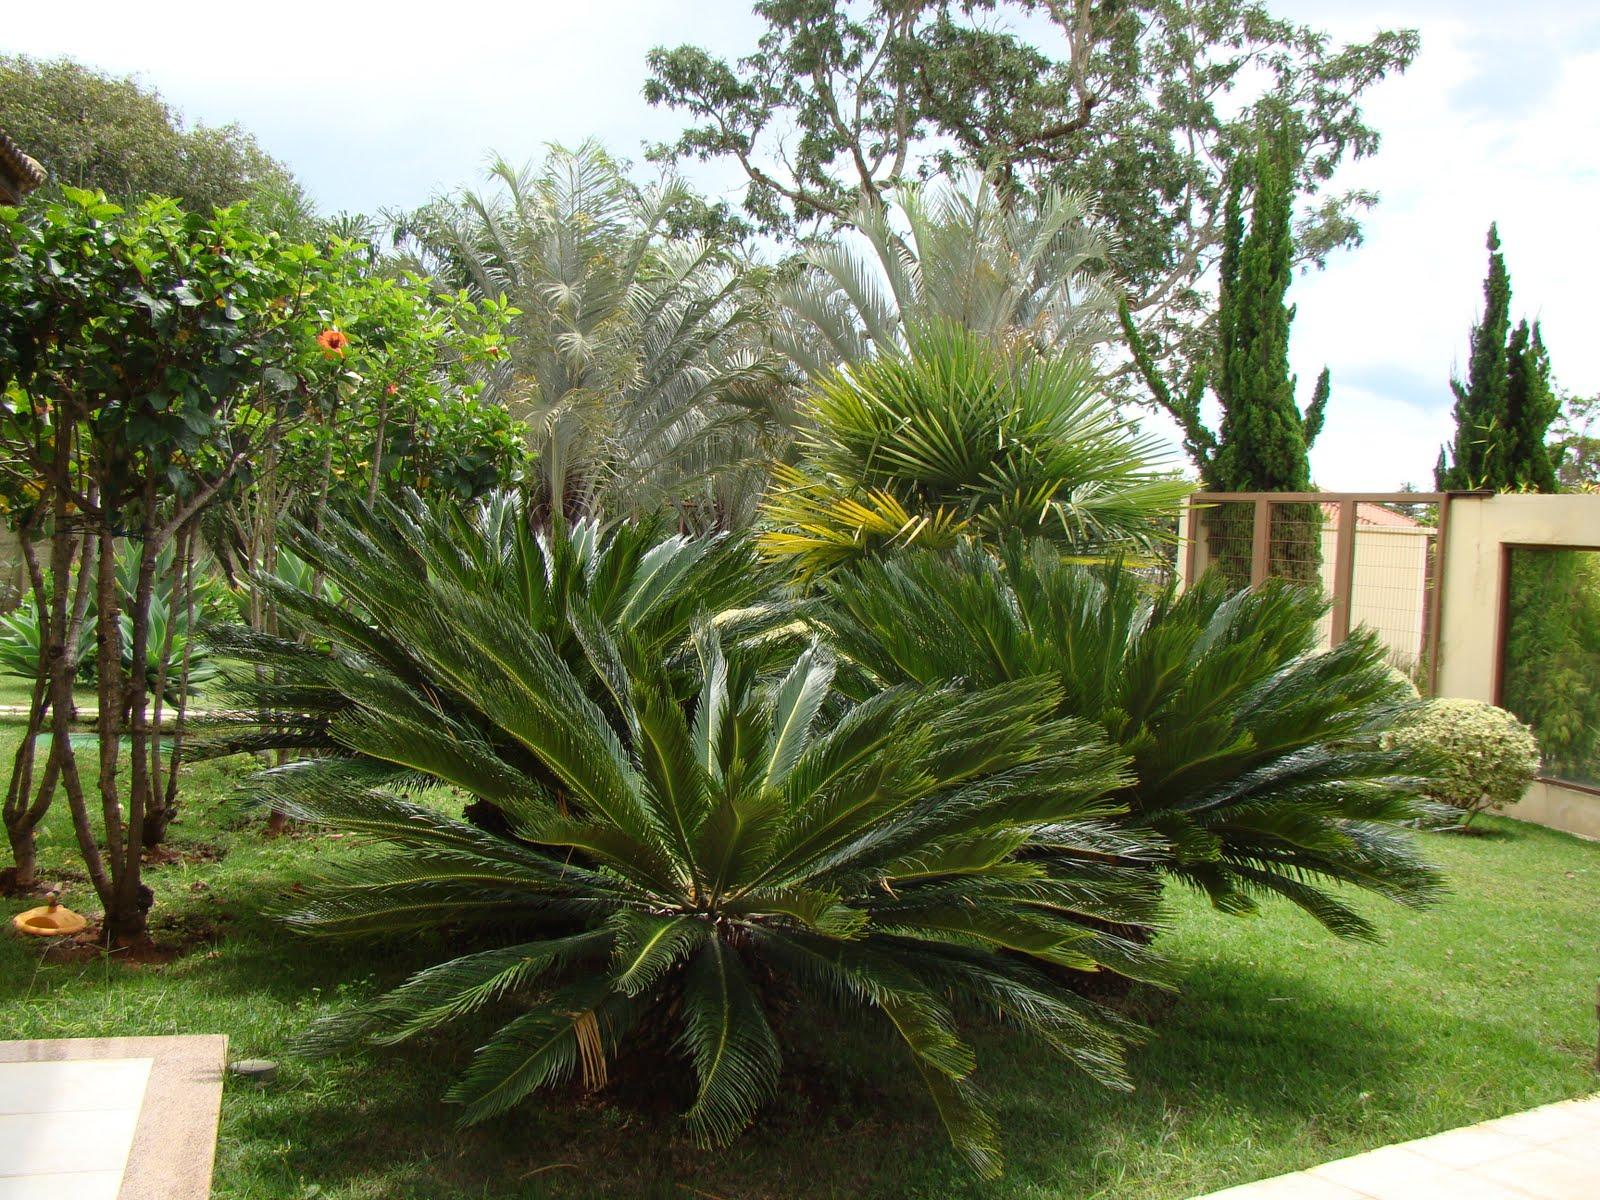 Casa & Flores Plantas que valorizam seu jardim